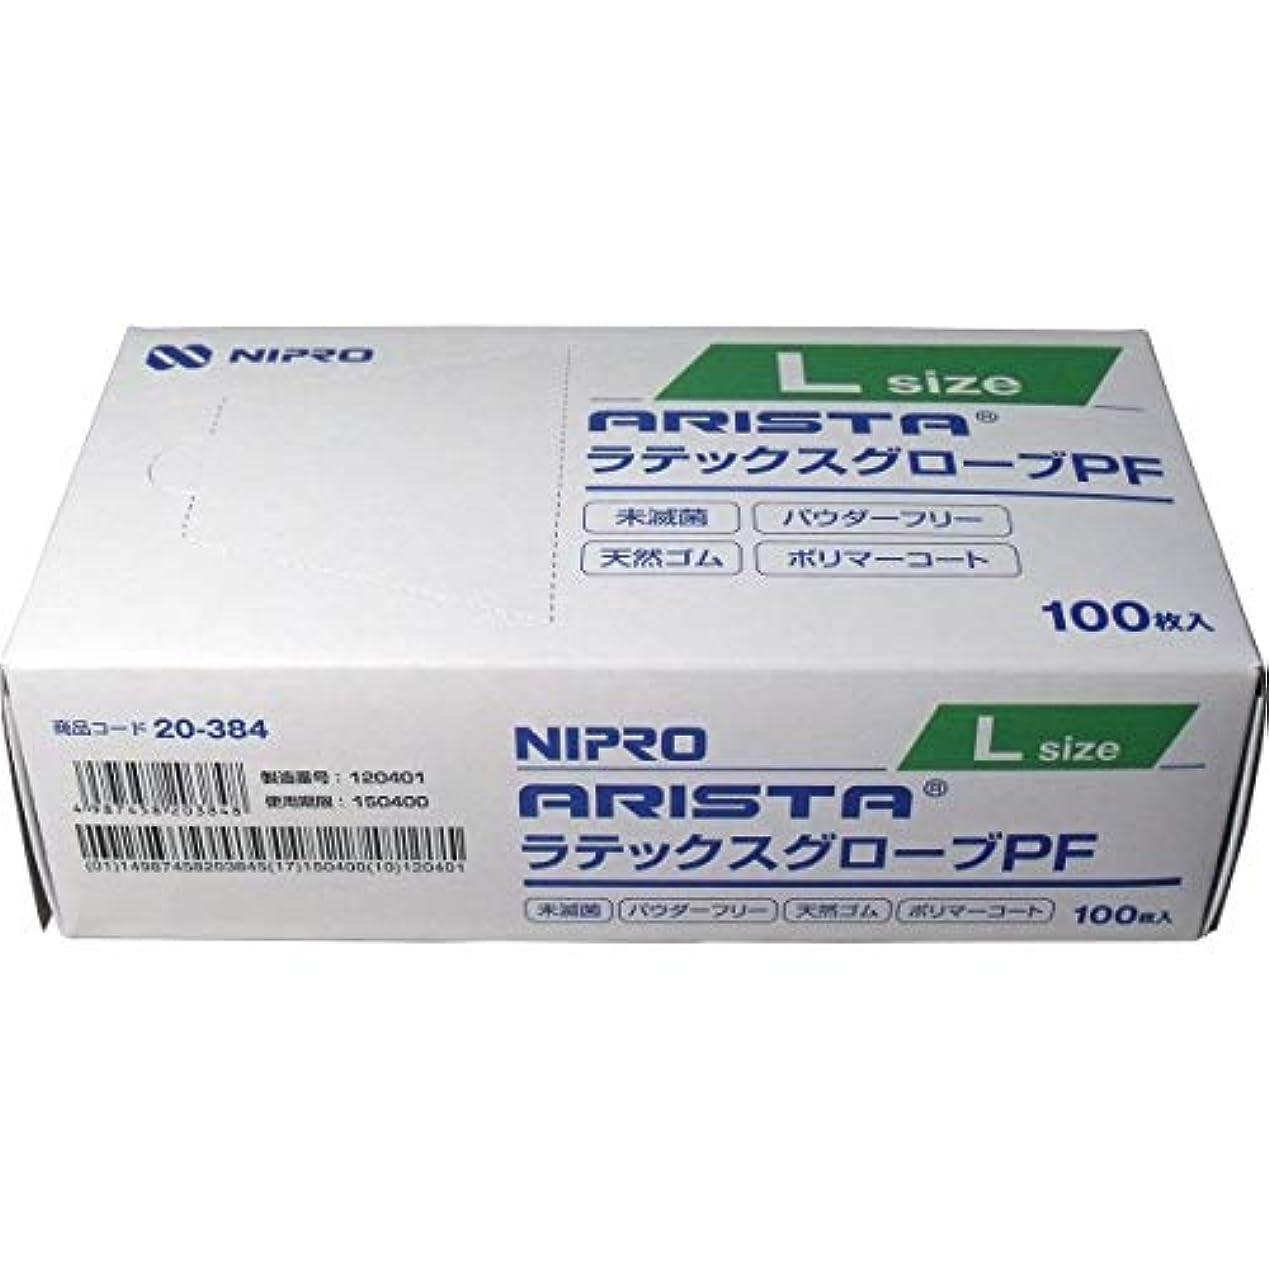 割合採用する枯渇するニプロ ラテックスグローブ(天然ゴム手袋) パウダーフリー Lサイズ 100枚入×10個セット